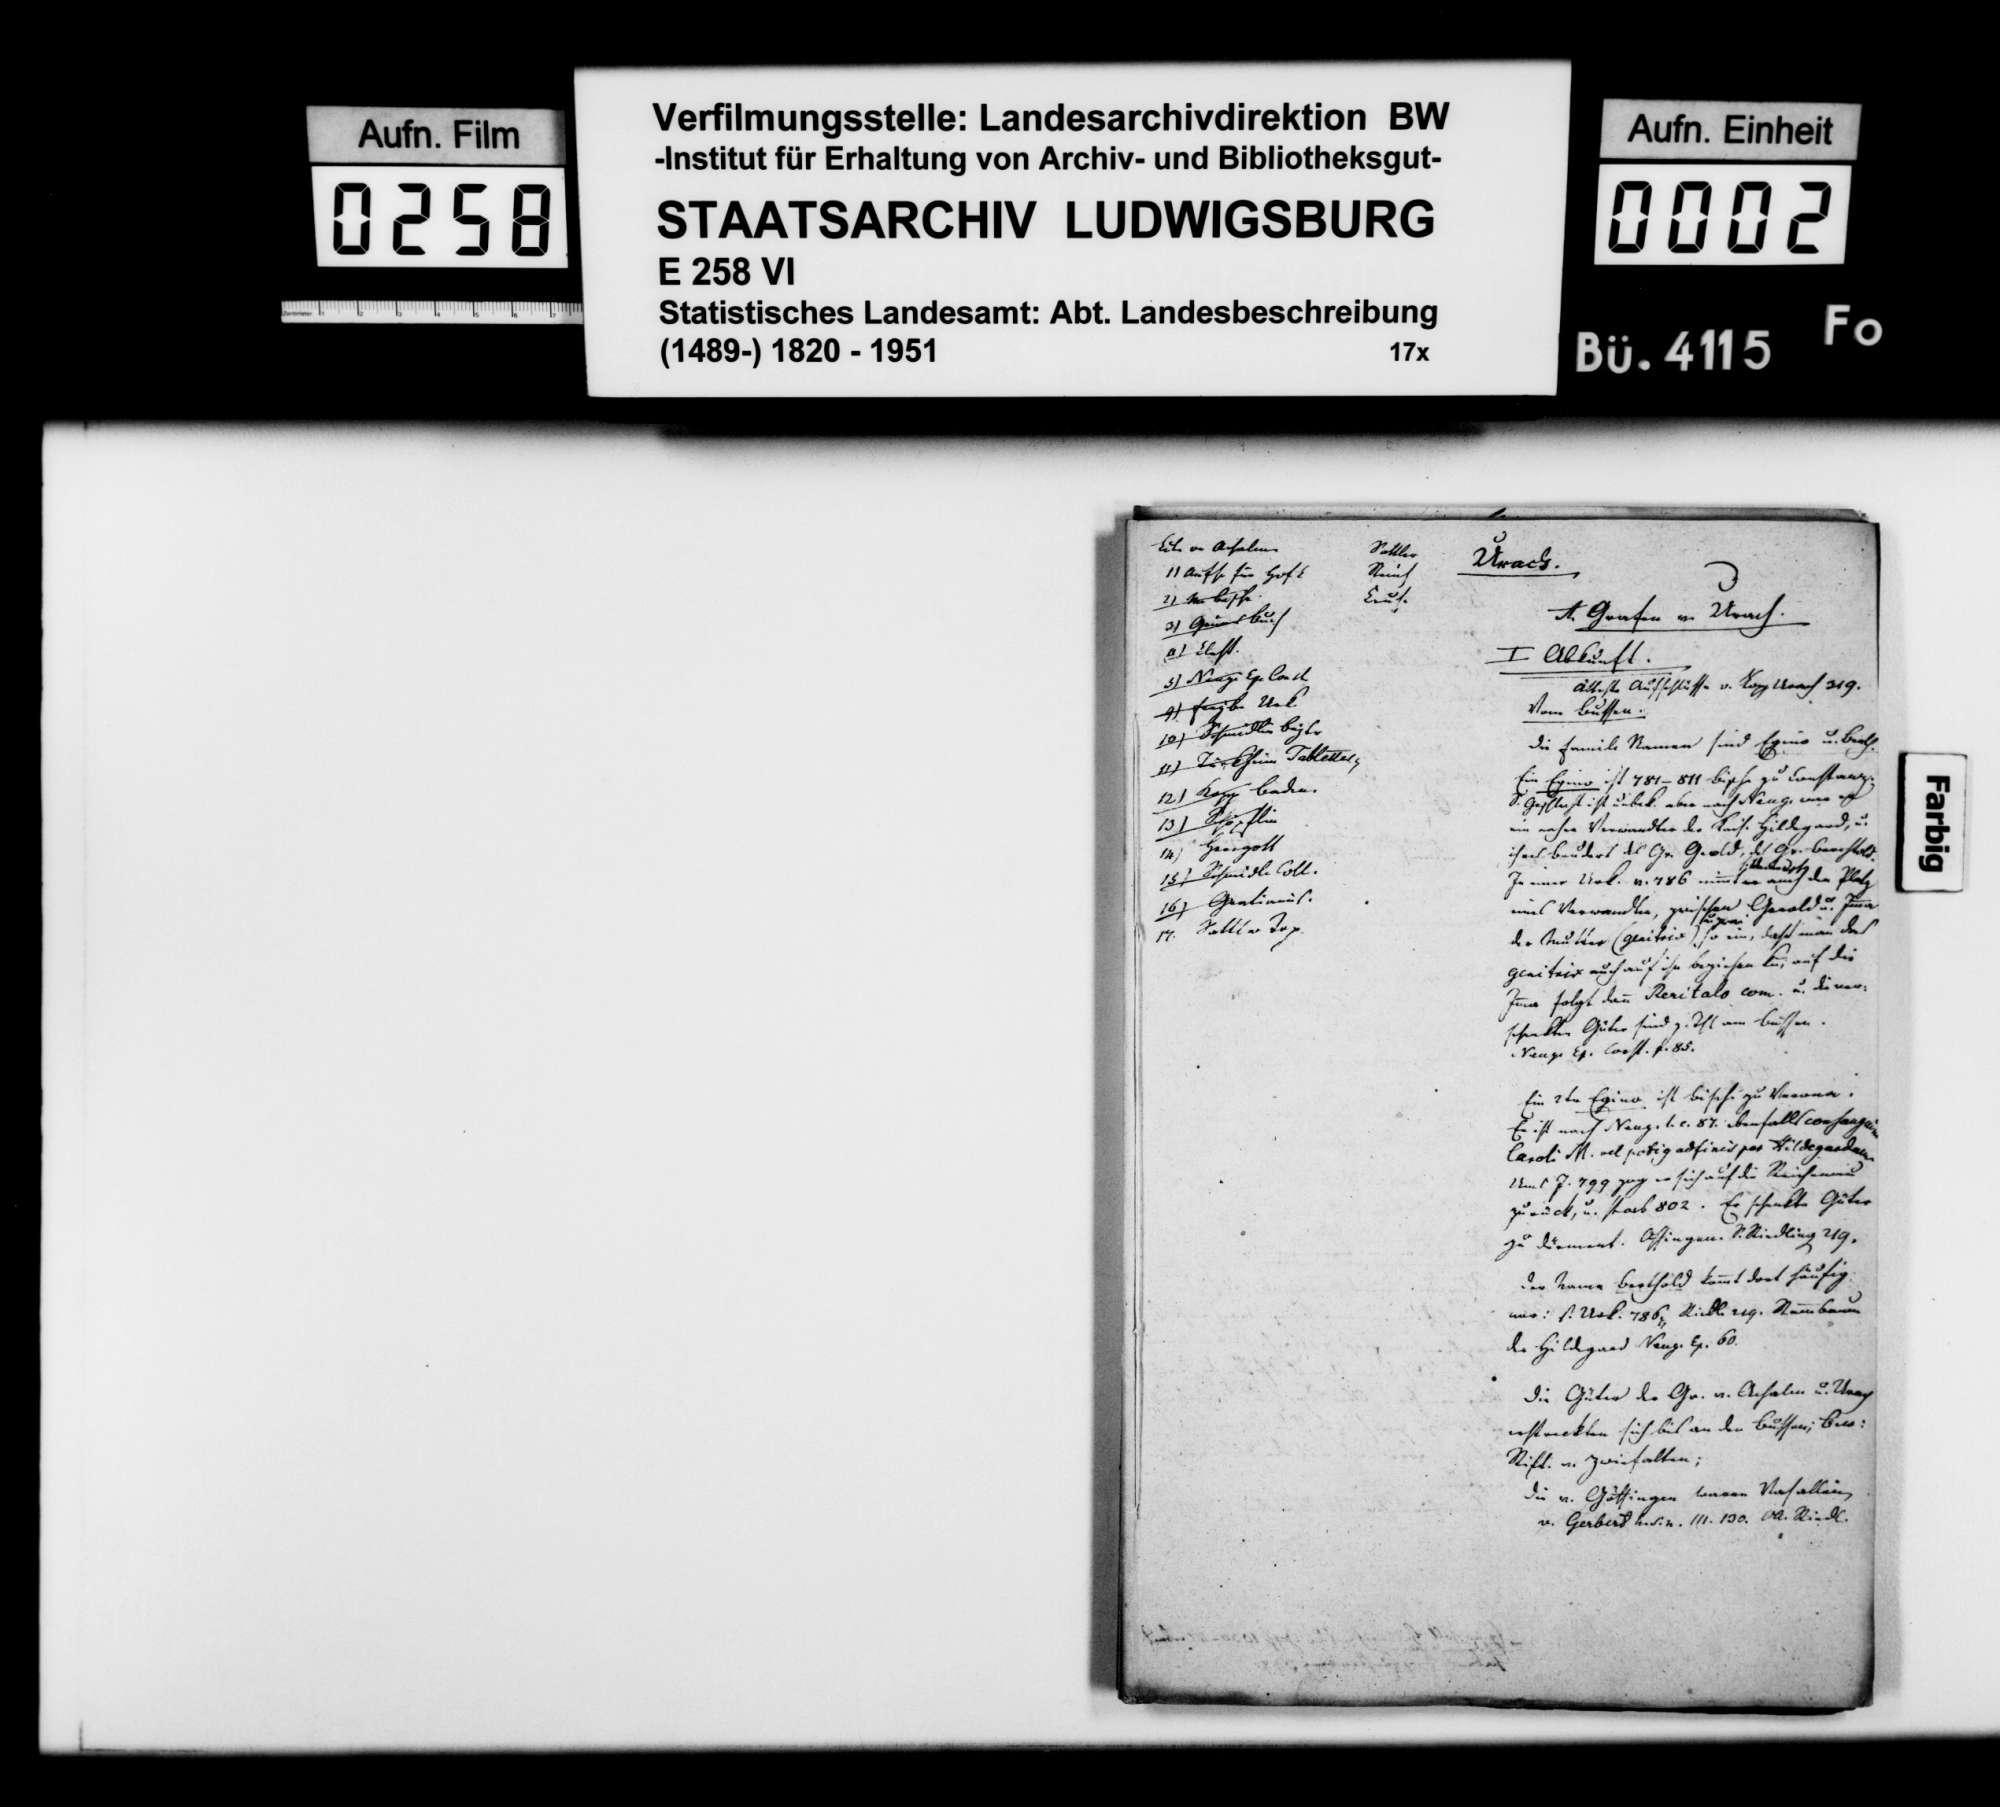 Konzept des Johann Daniel Georg Memminger zur OAB Urach, Rohfassung, Bild 1